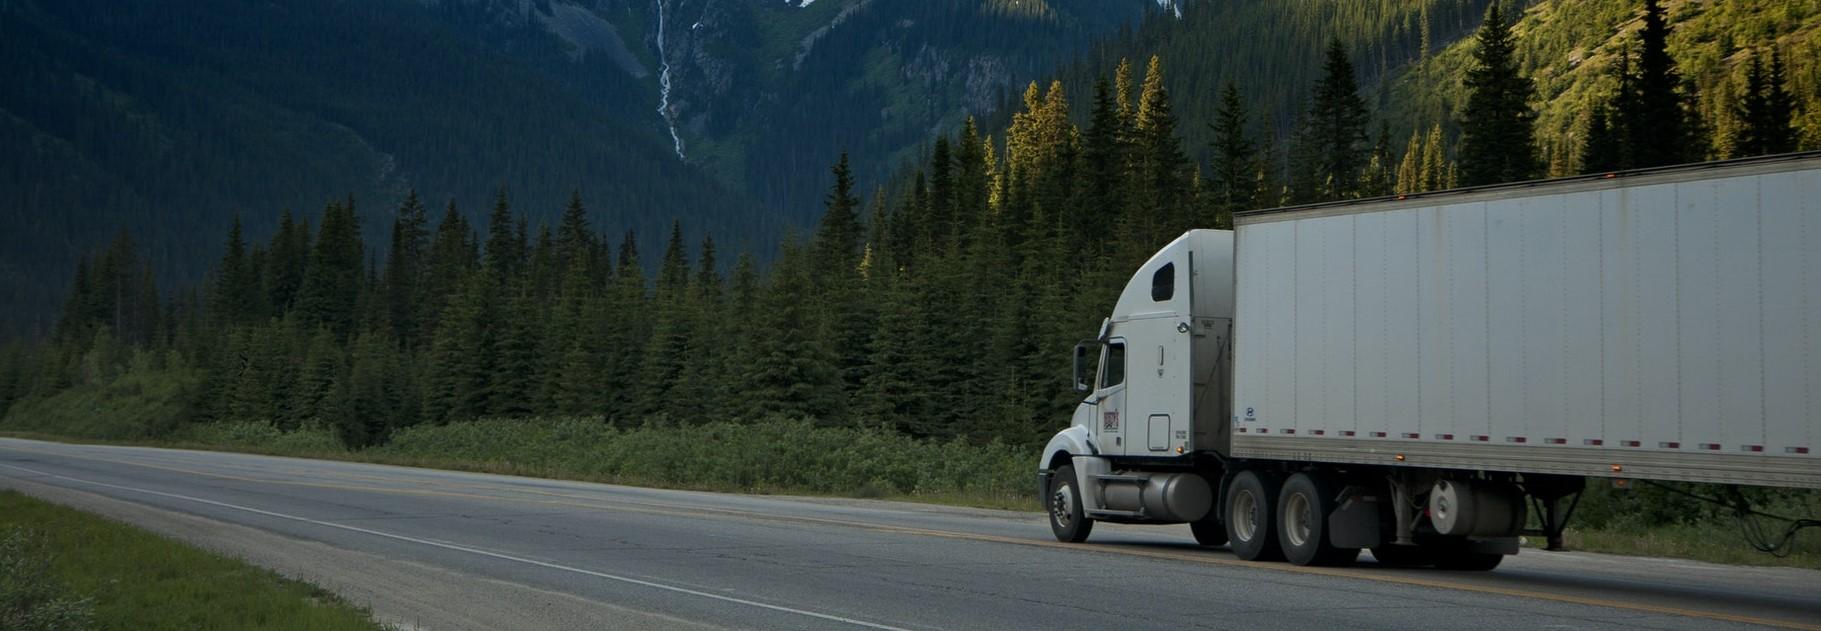 Sinistros no transporte de cargas: de quem é a culpa?